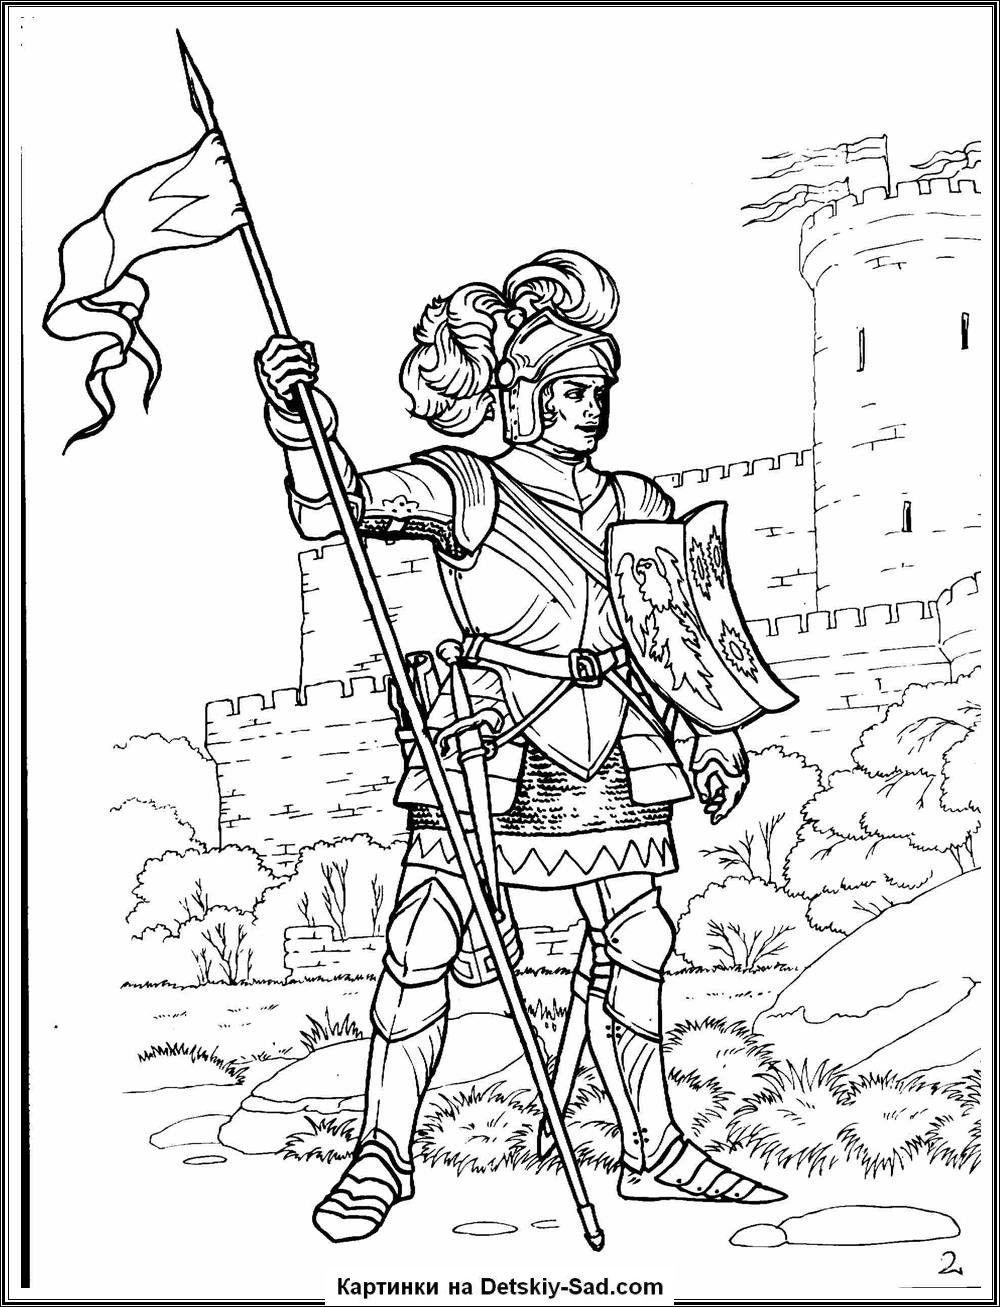 укрепления волосёнок средневековые рыцари картинки и рисунки ритуал